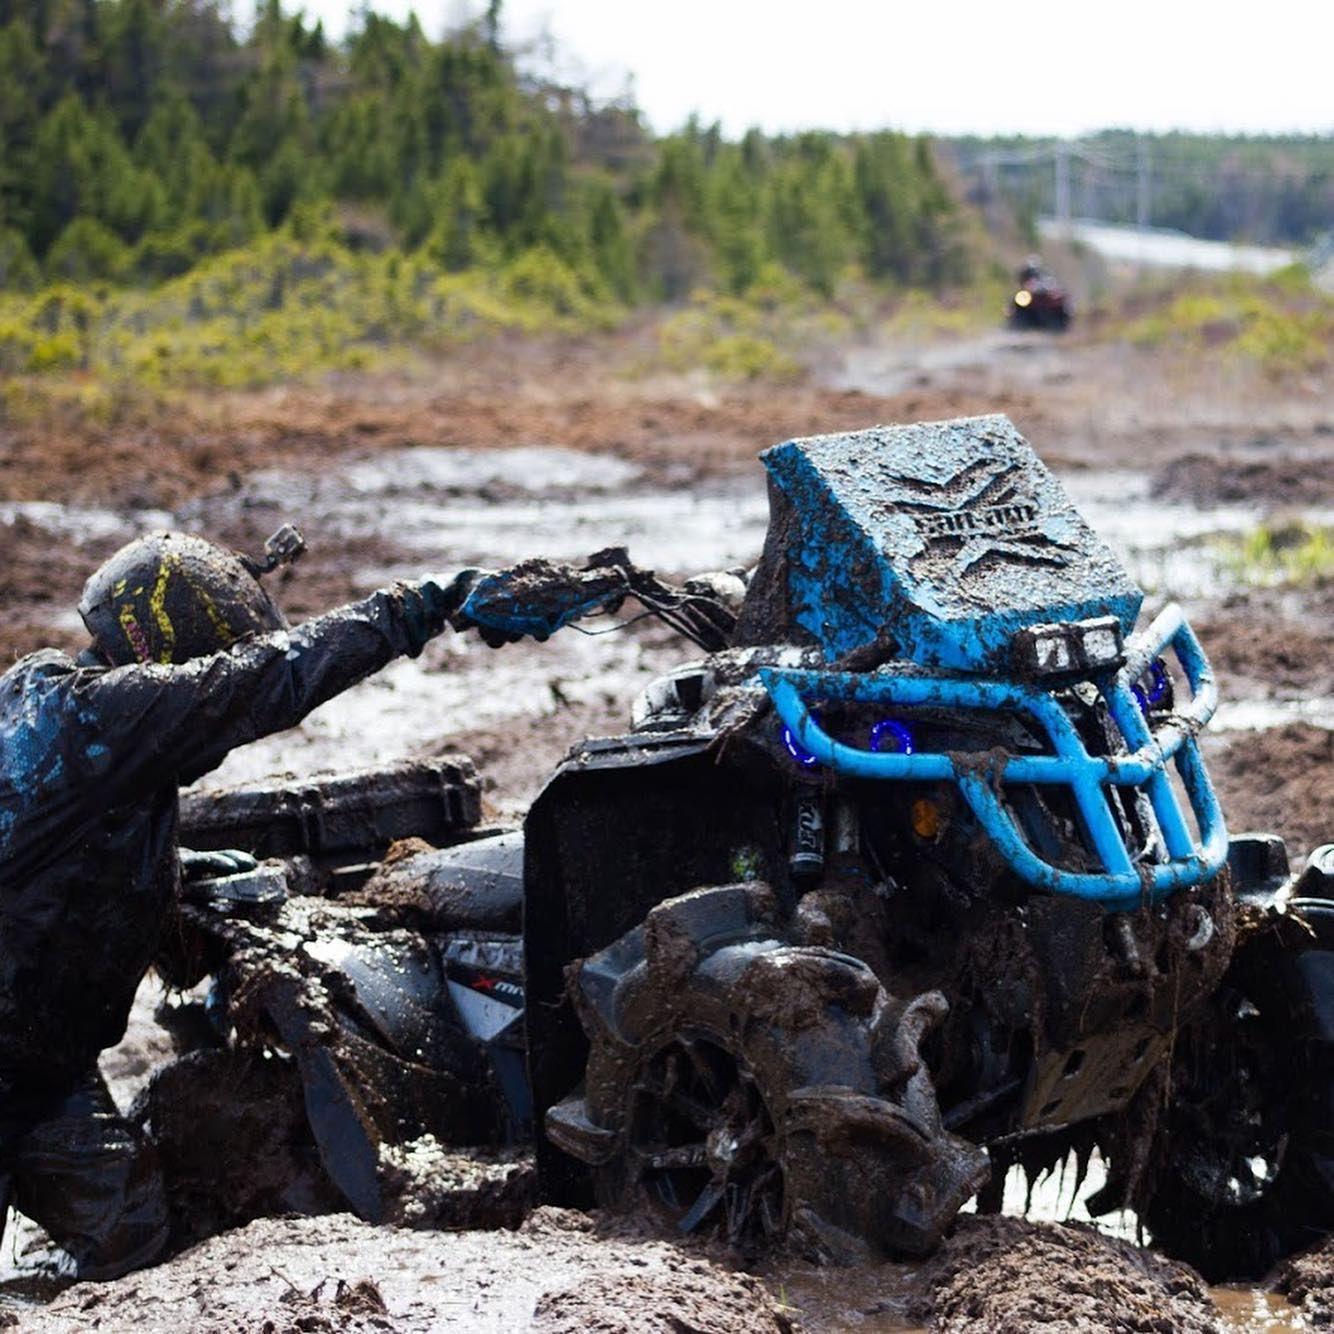 Superatv Assassinator Mud Tires